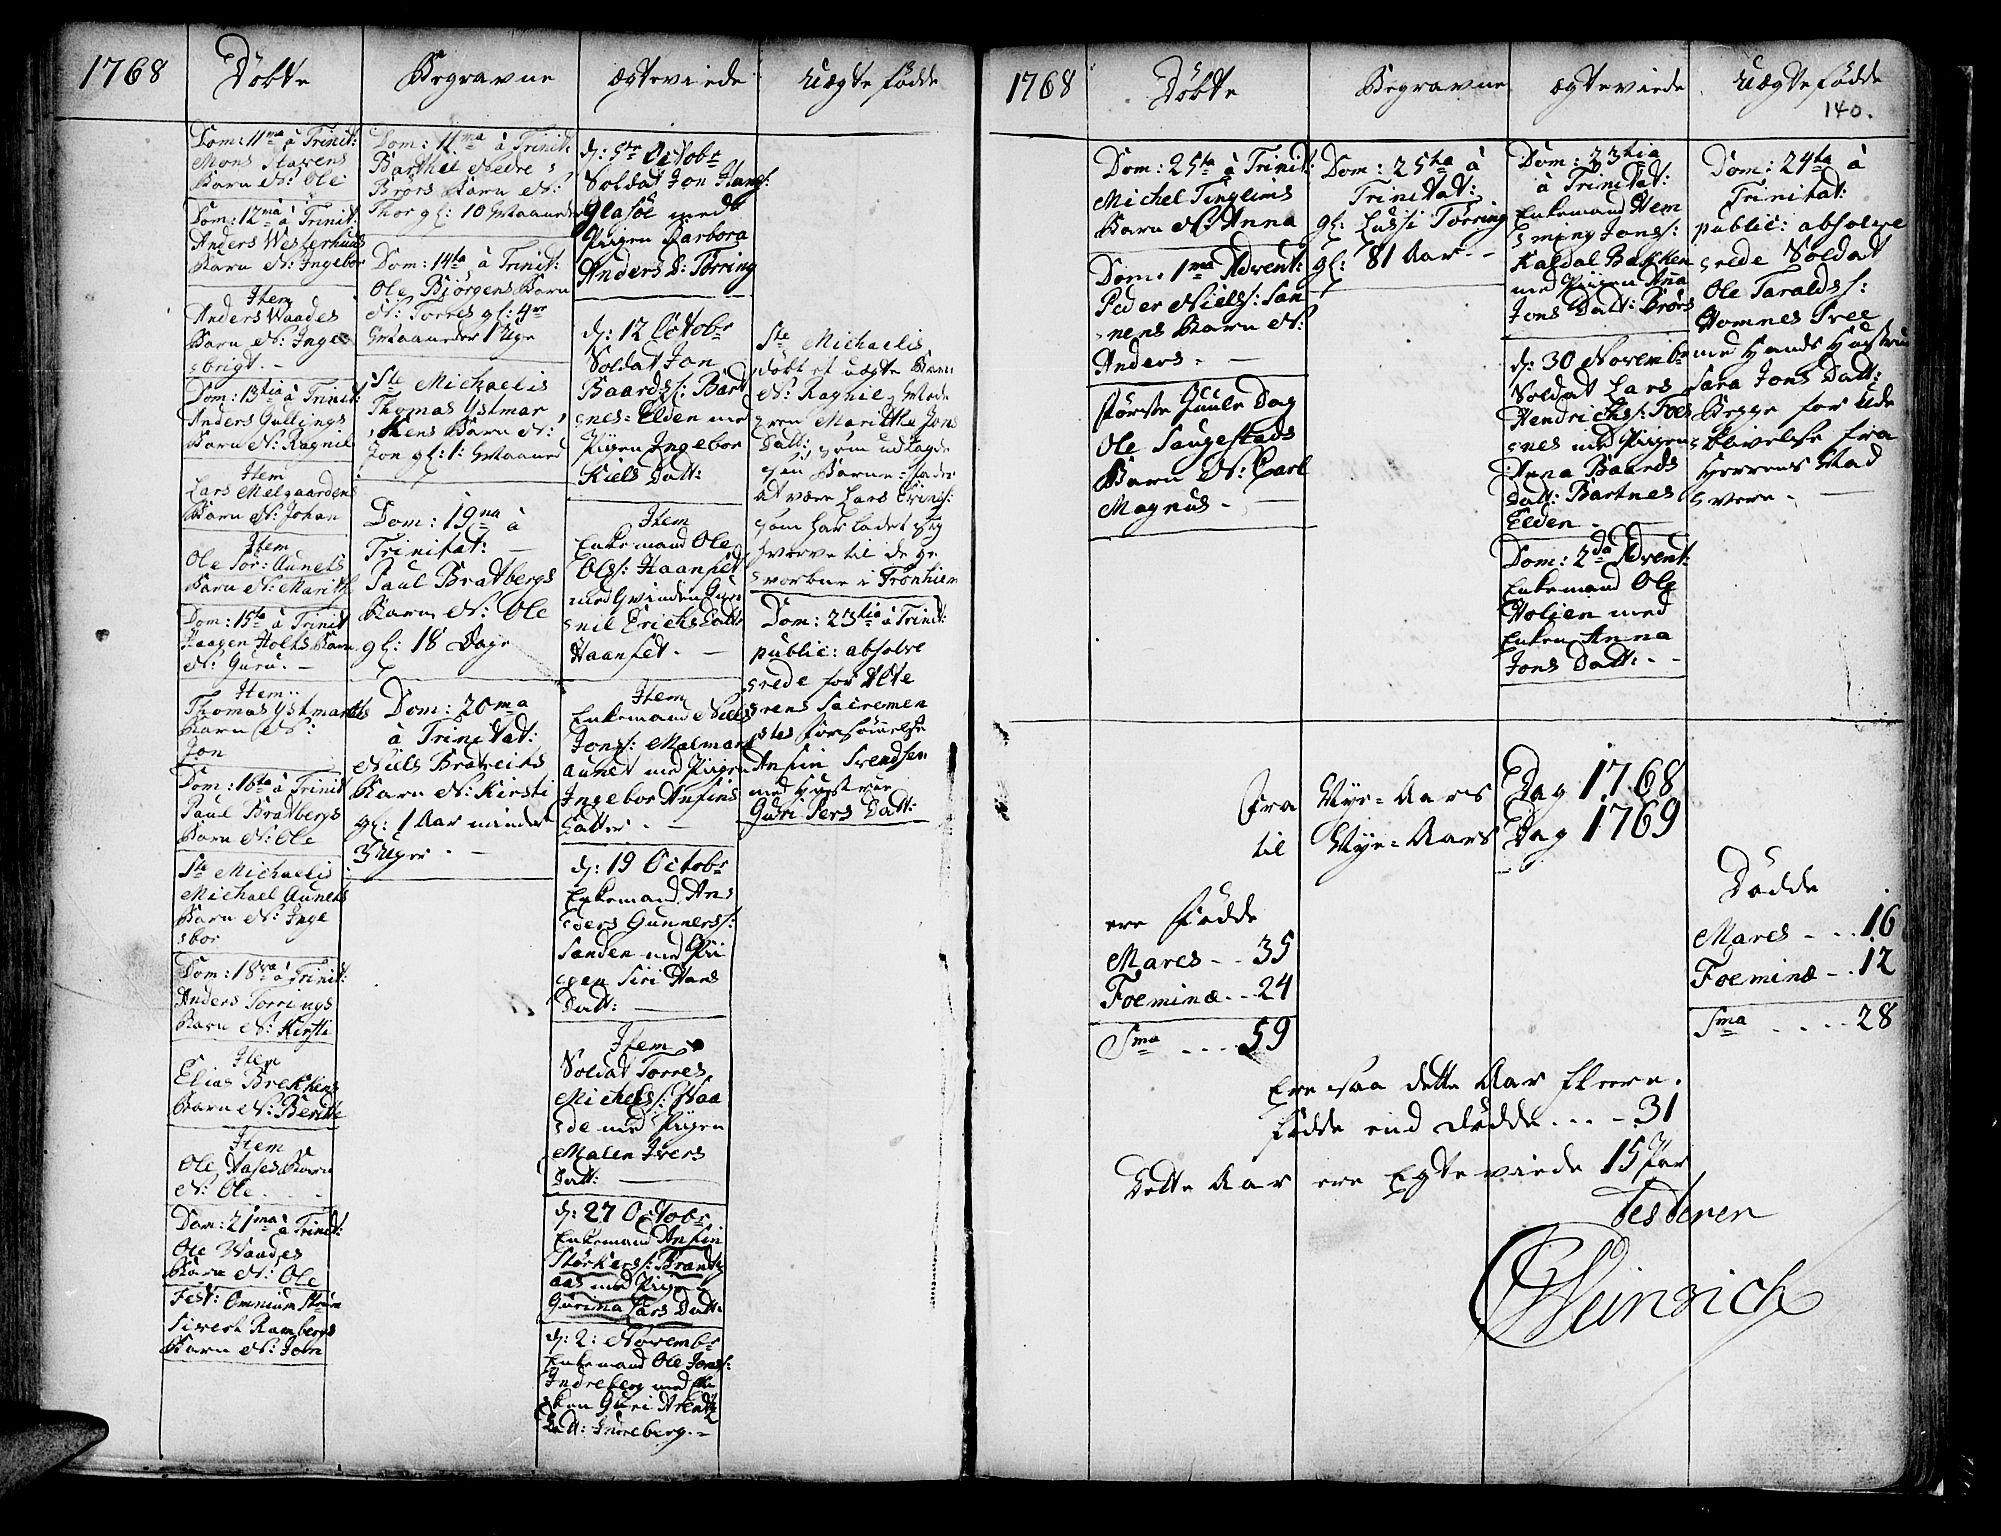 SAT, Ministerialprotokoller, klokkerbøker og fødselsregistre - Nord-Trøndelag, 741/L0385: Ministerialbok nr. 741A01, 1722-1815, s. 140